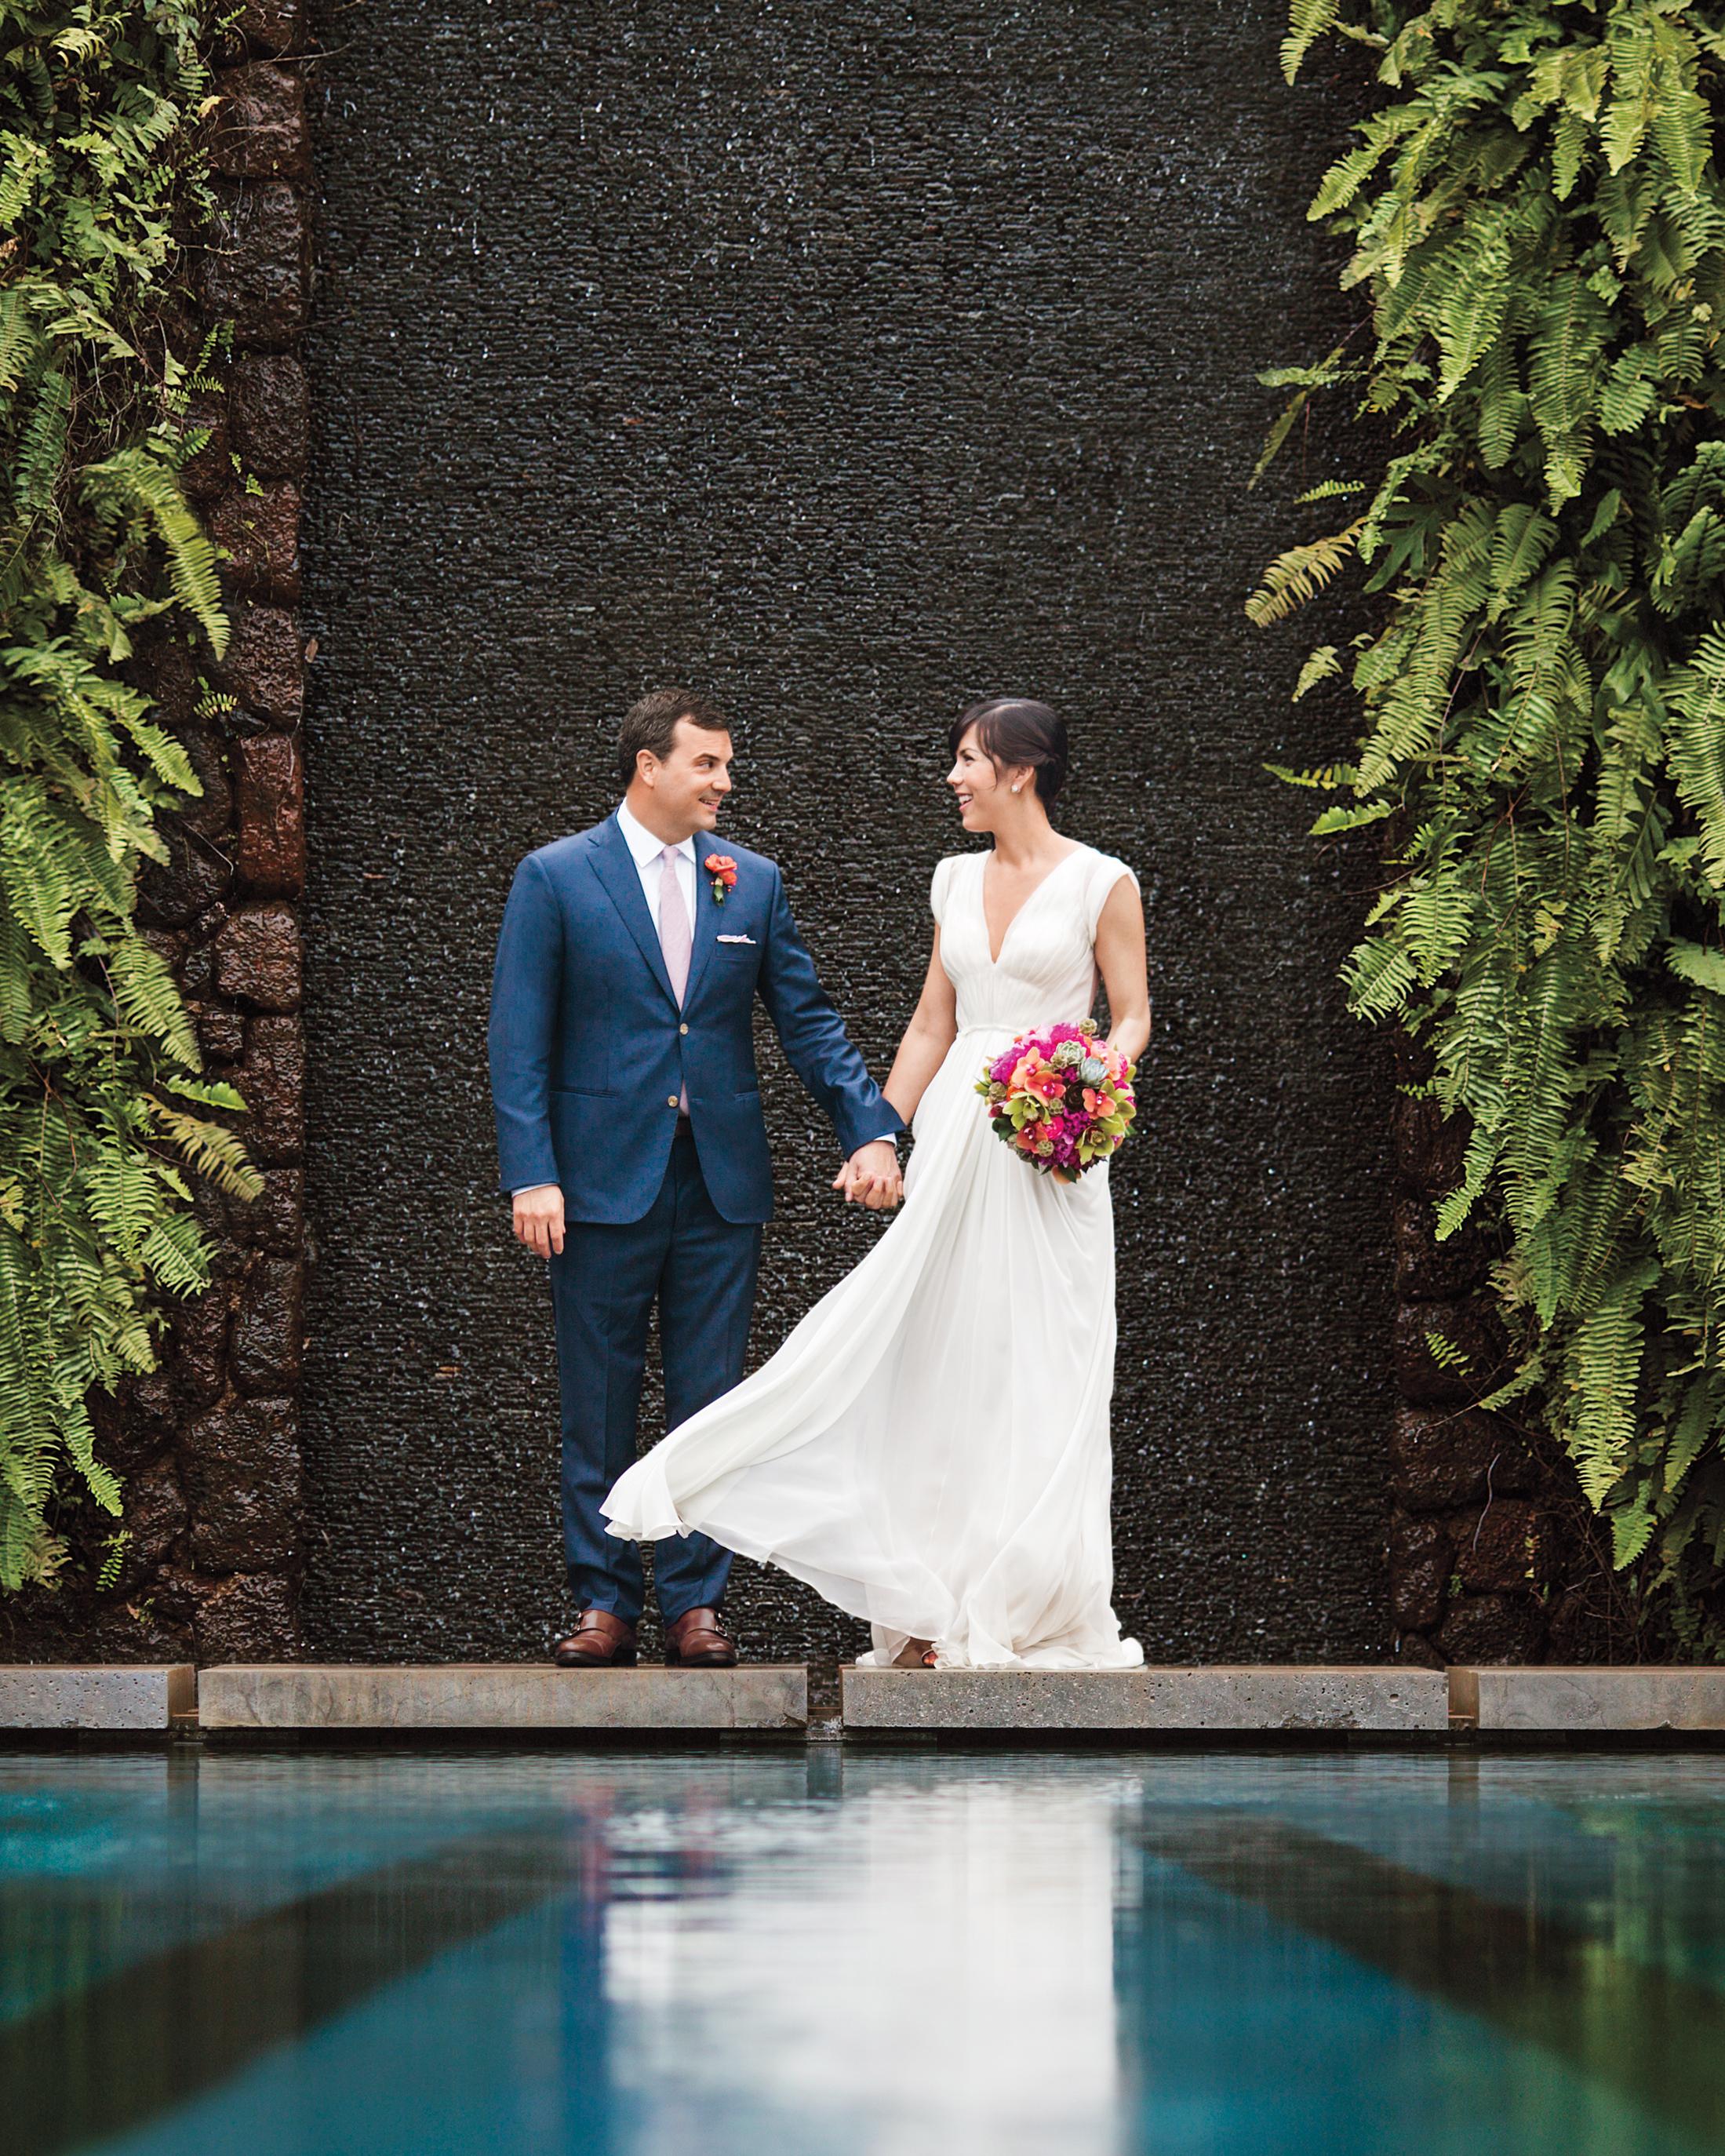 liz-and-michael-bride-groom-3329-ds111296_comp.jpg